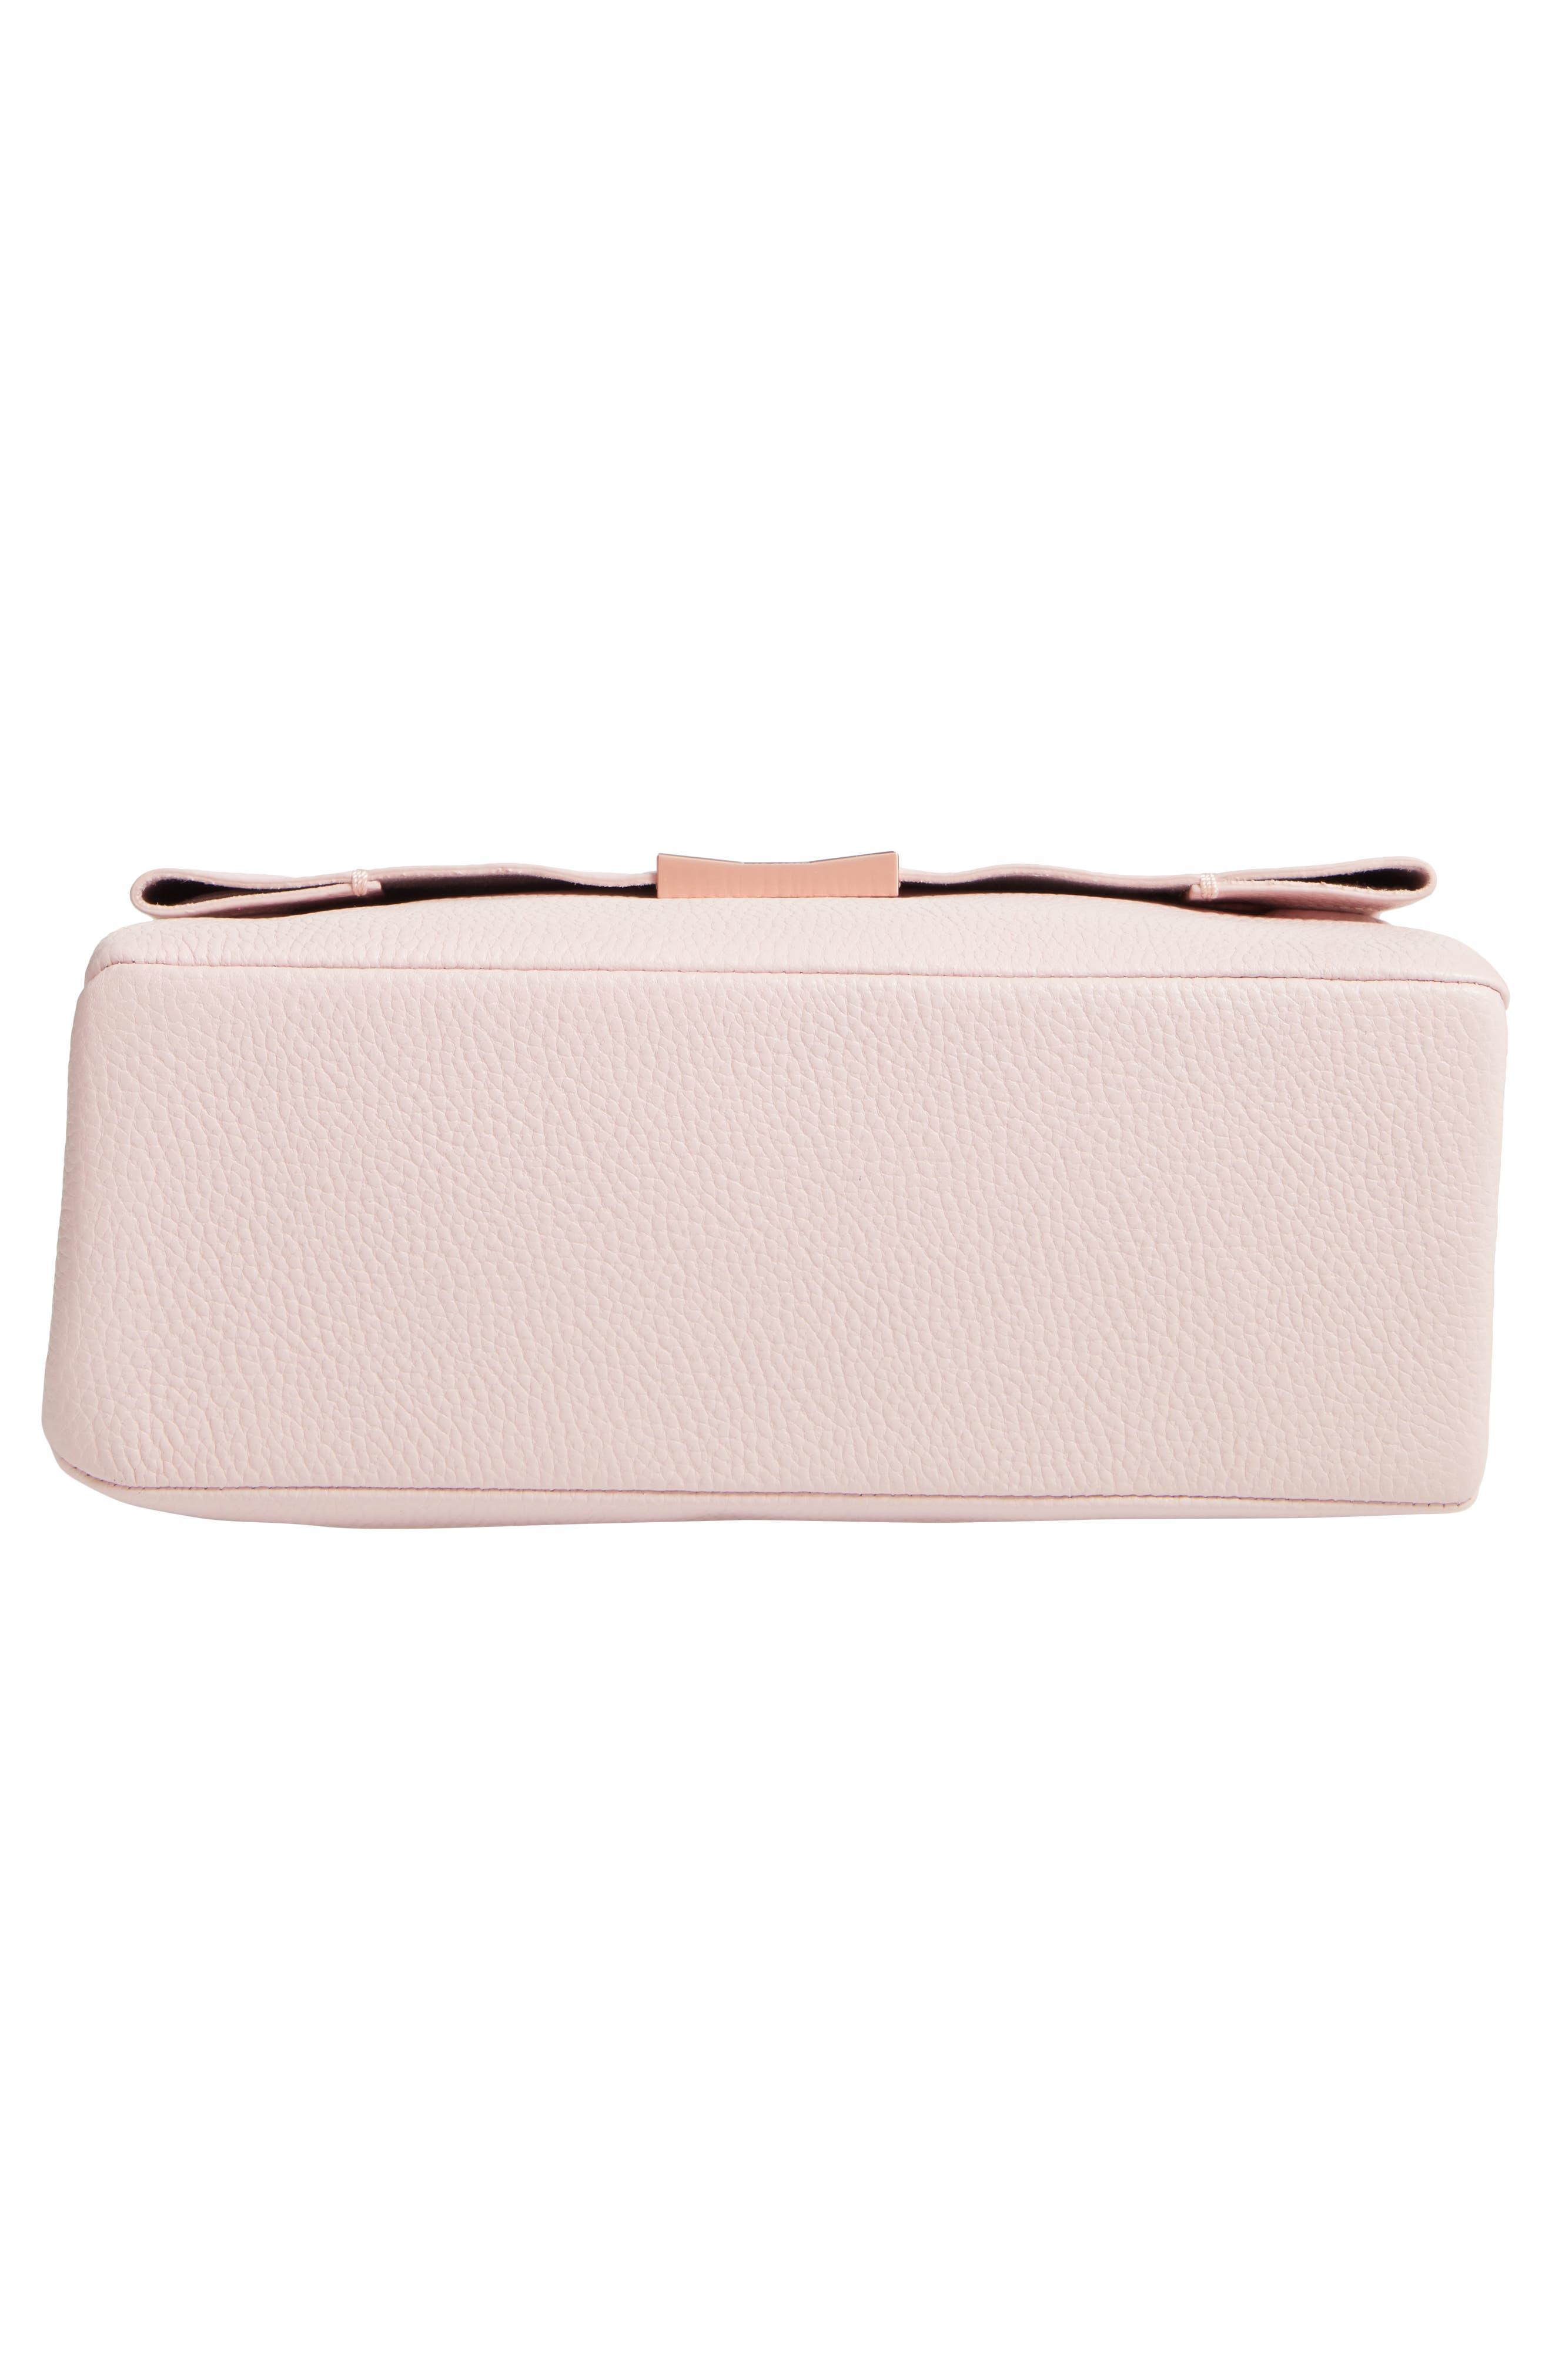 Melody Pom Leather Shoulder Bag,                             Alternate thumbnail 6, color,                             PALE PINK